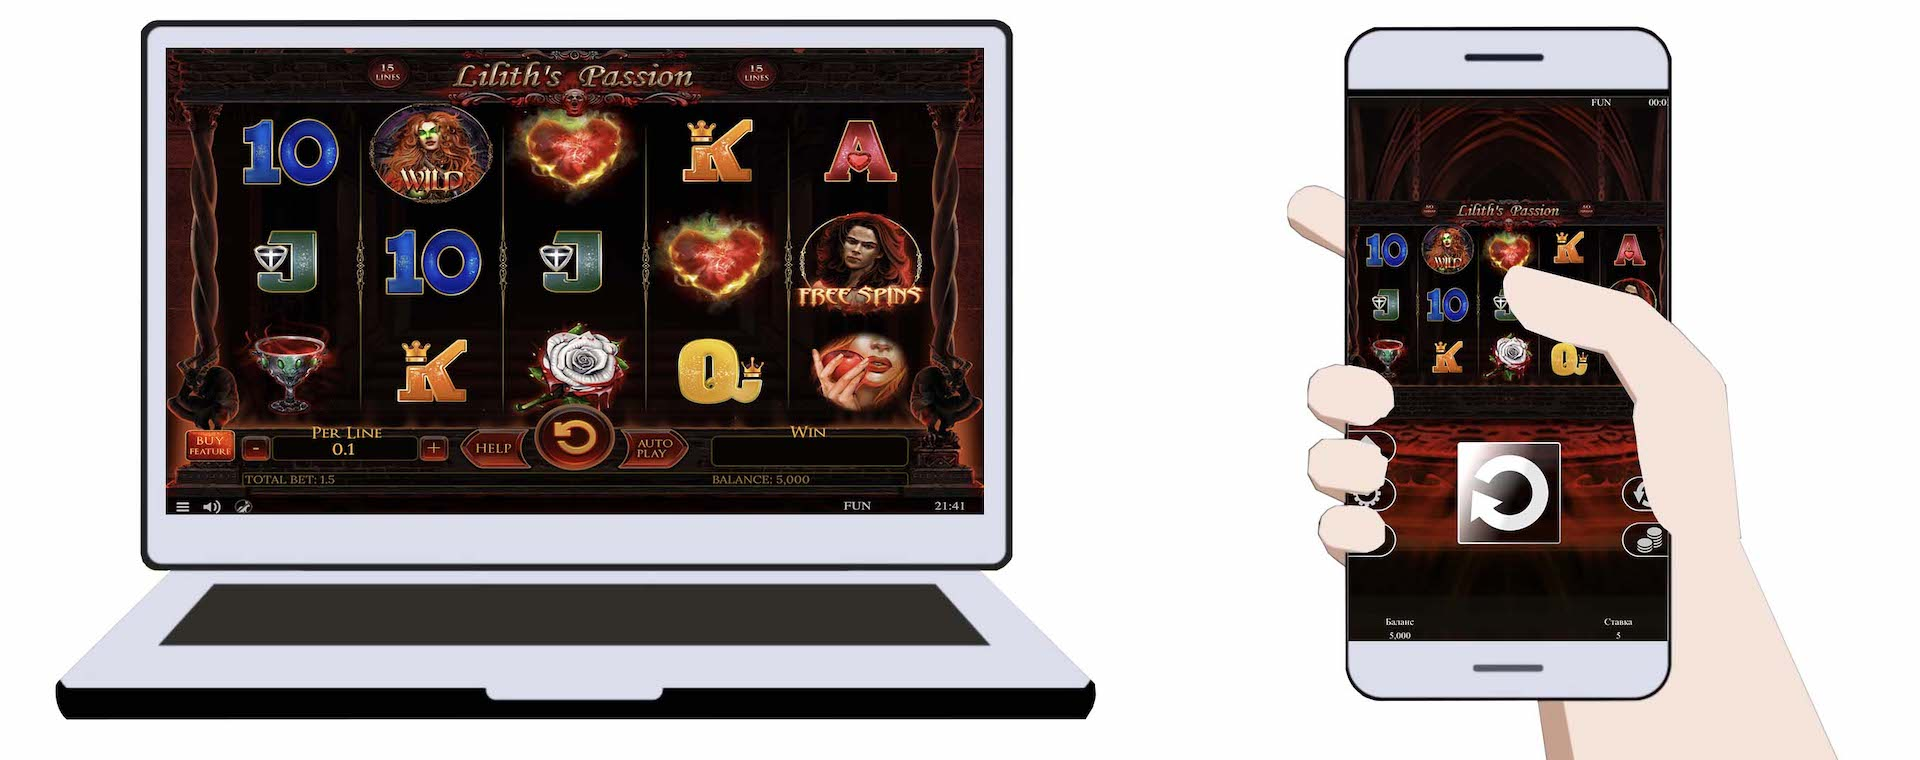 Игровой автомат Lilith's Passion бесплатно